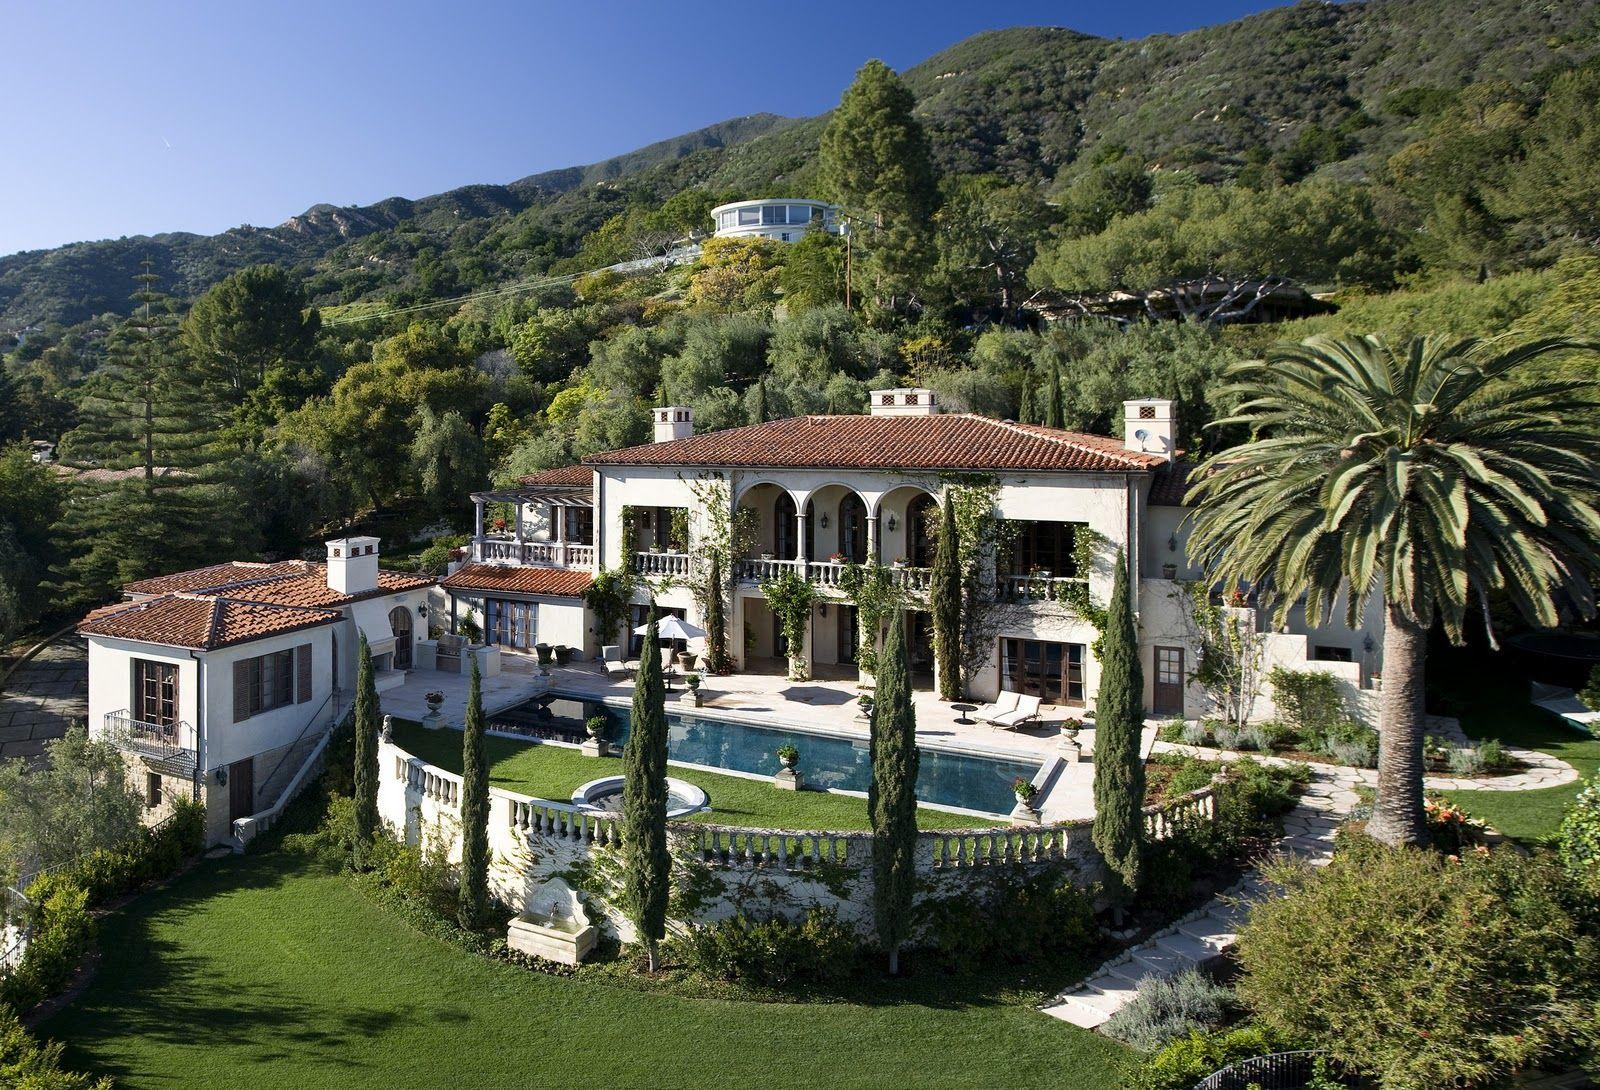 al gore house santa barbara real estate homes condos property rh pinterest com Al Gore Home in Tennessee Al Gore Malibu Mansion